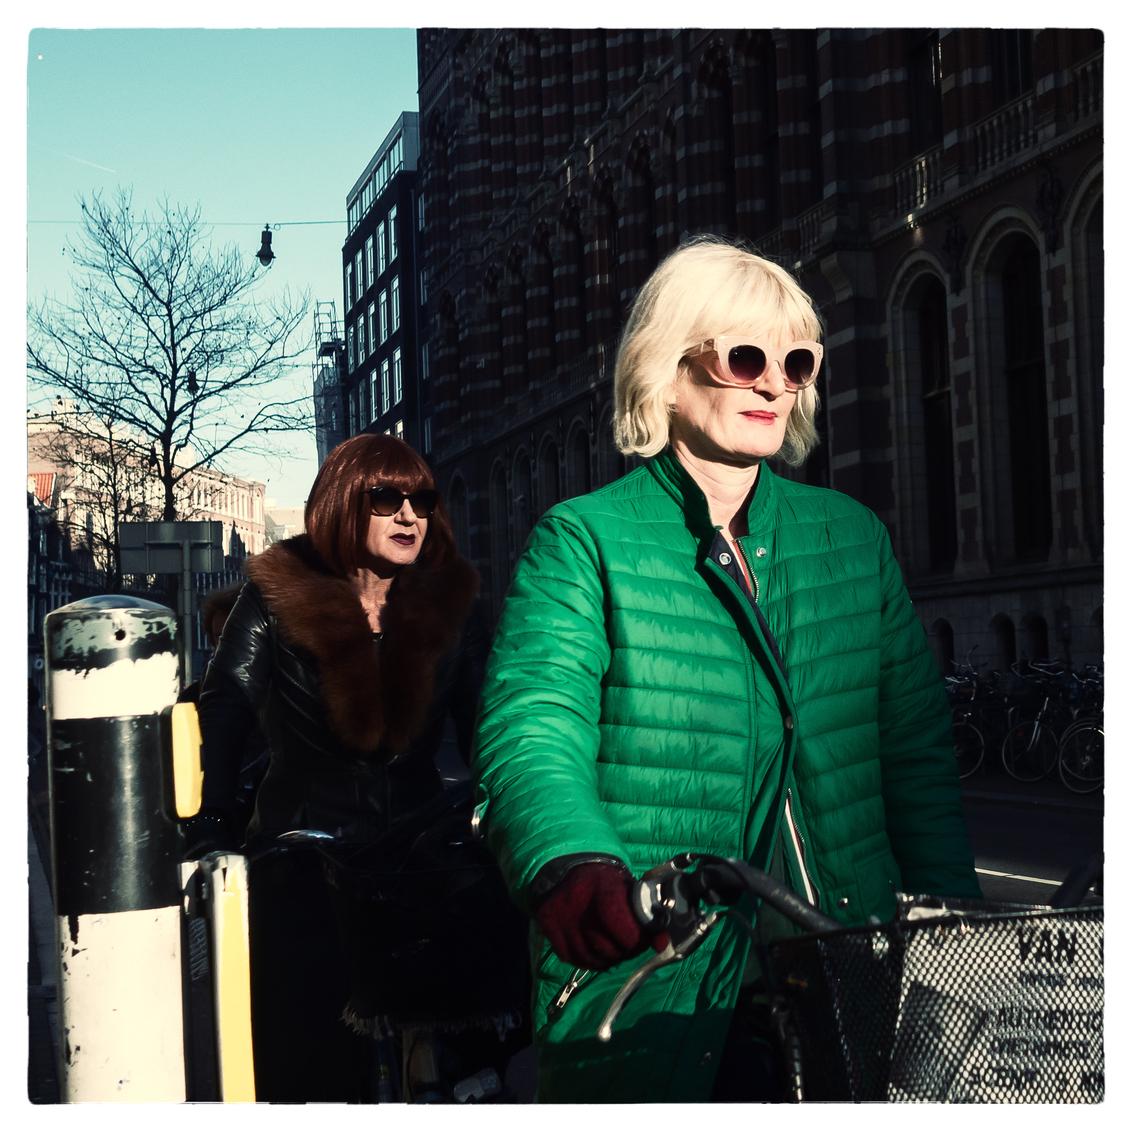 Sunset boulevard - - - foto door Johannez op 26-12-2019 - deze foto bevat: vrouw, mensen, amsterdam, straat, bril, fiets, stad, zonnebril, straatfotografie, centrum